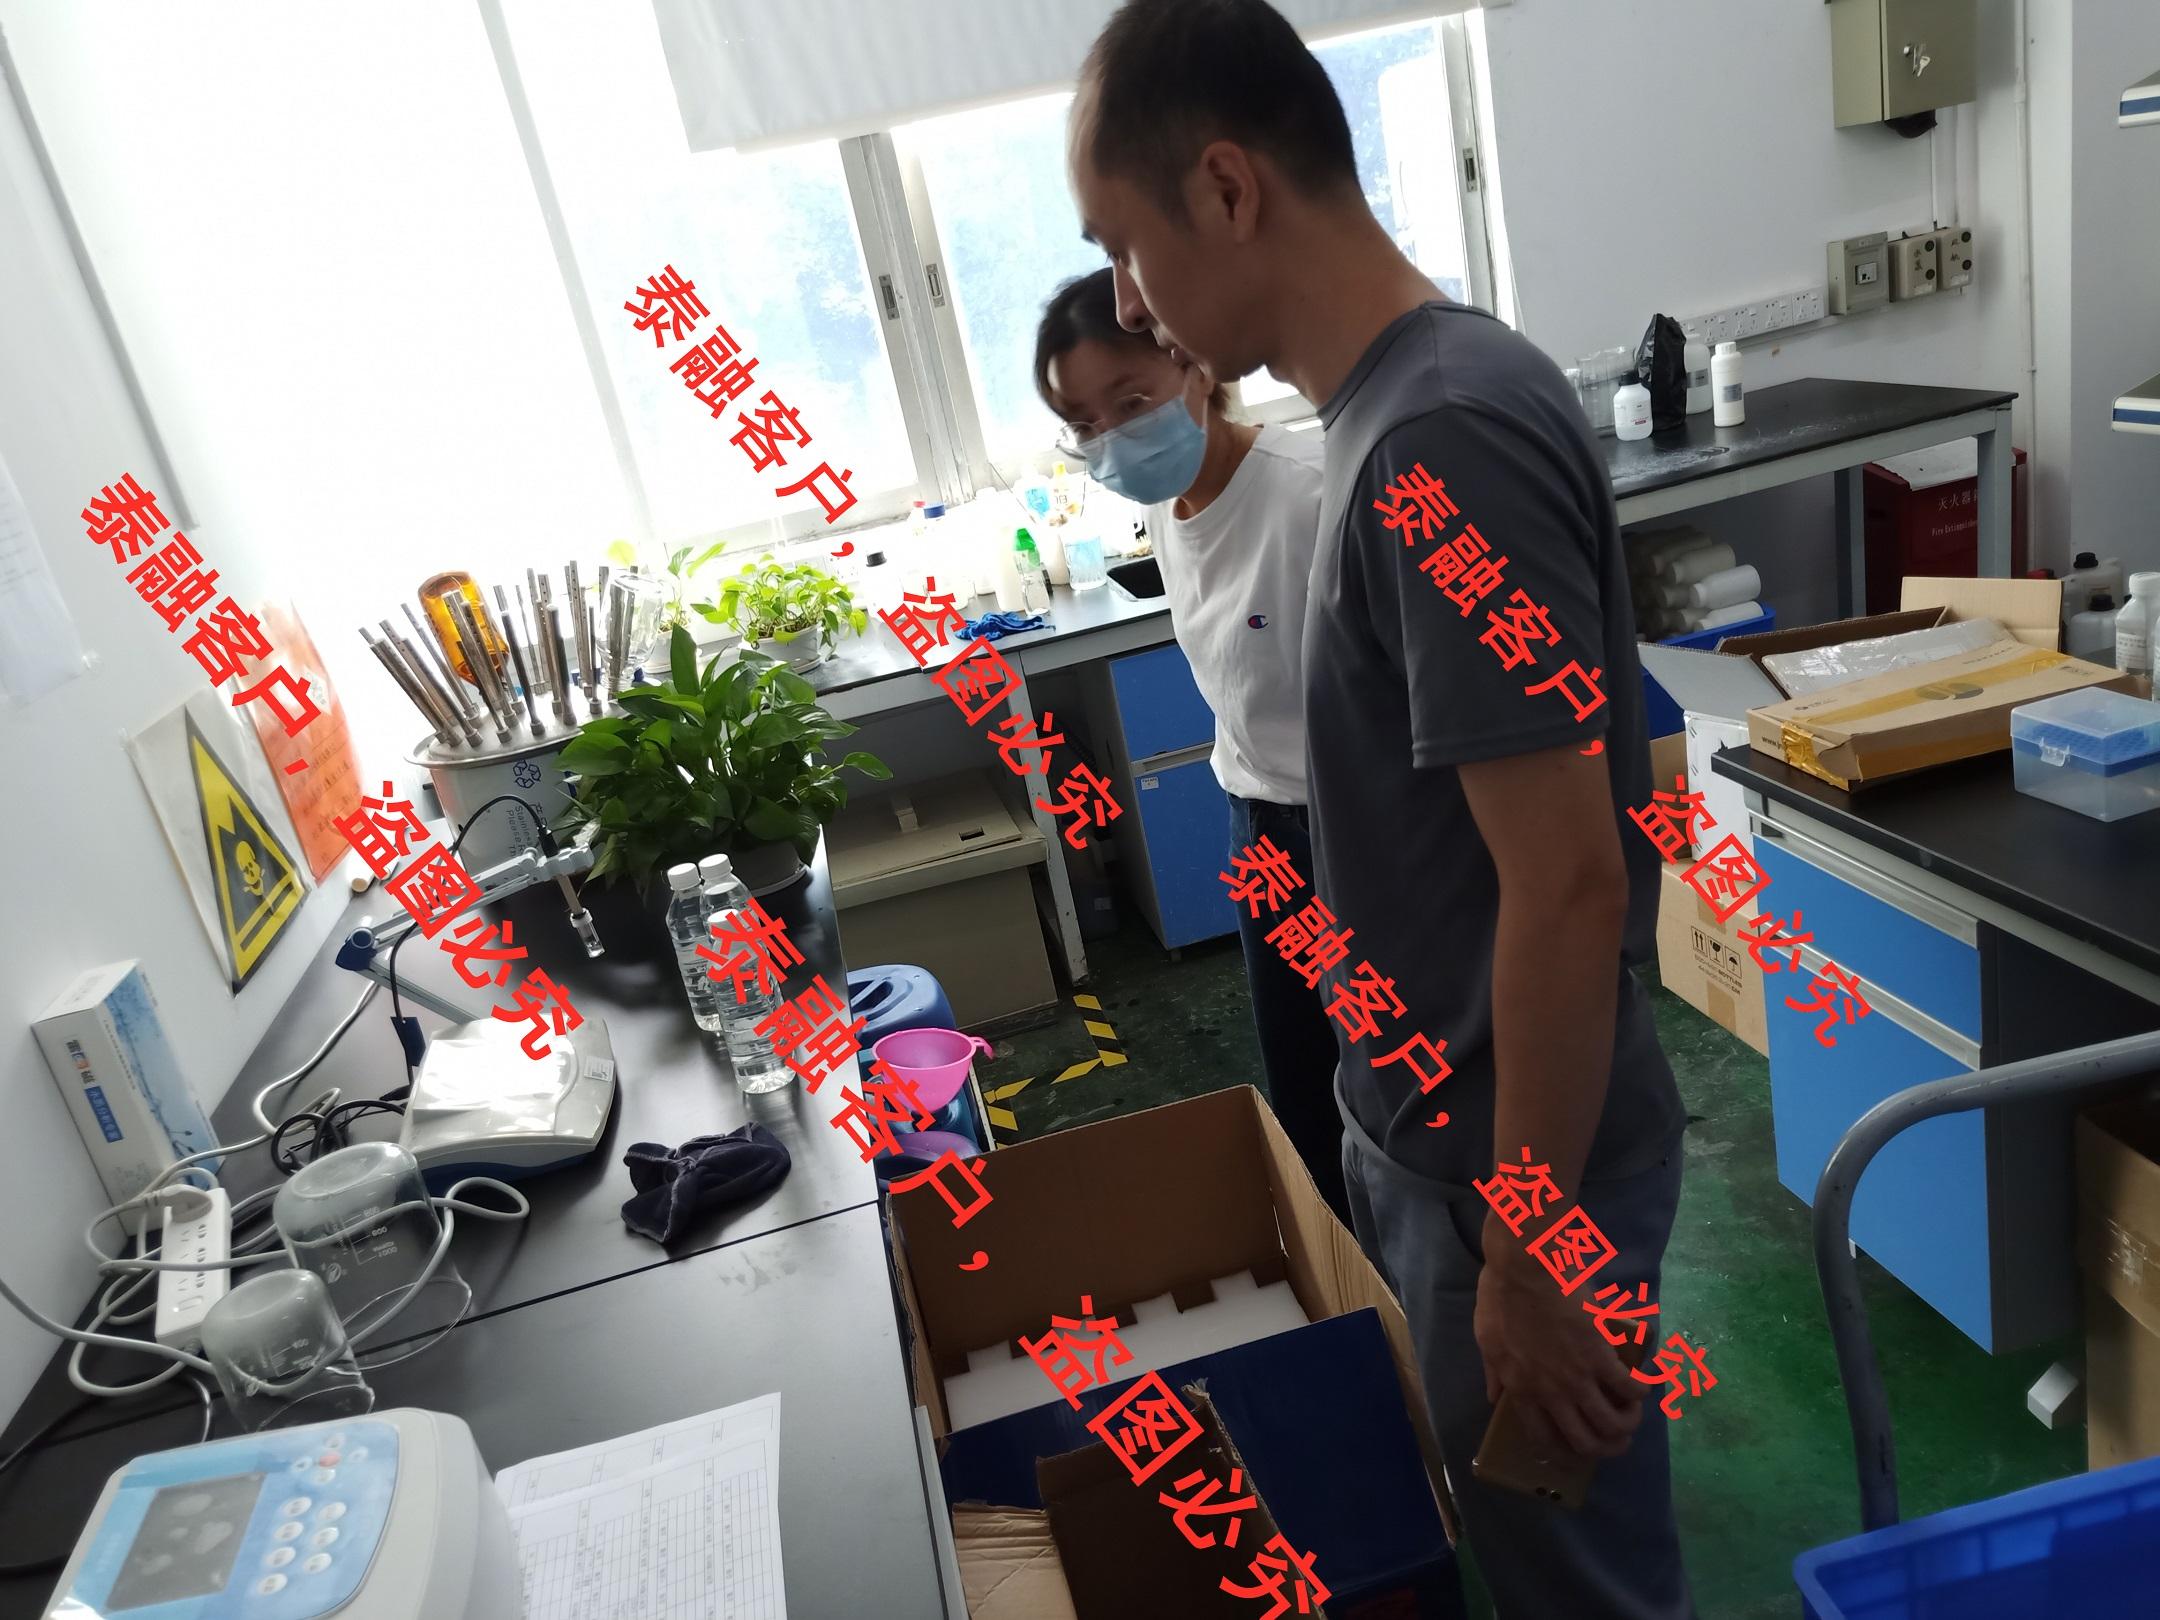 深圳市-在线监测系统运营服务认证 (5)